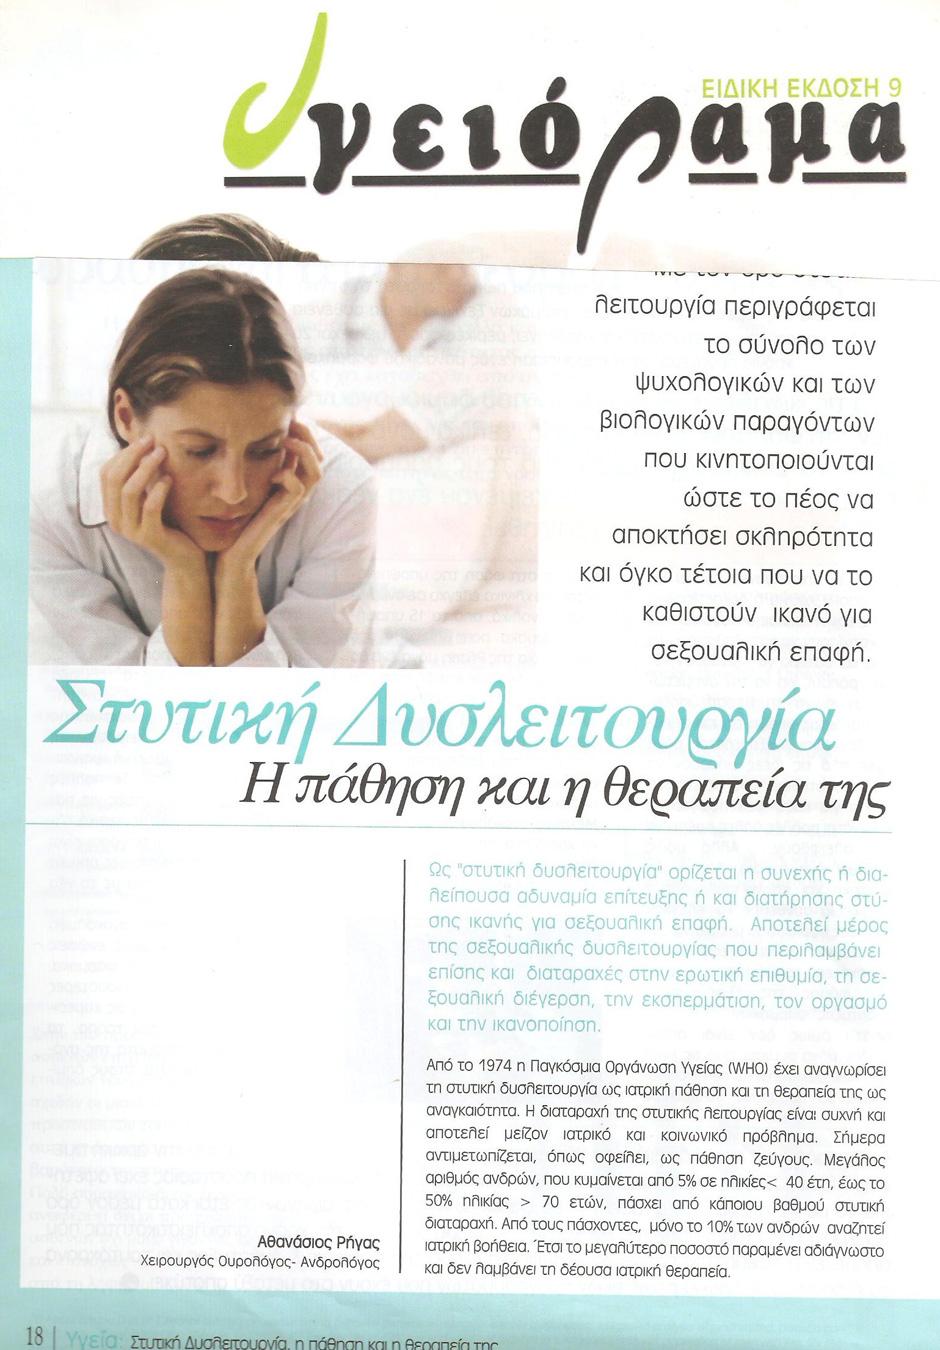 Στυτική δυσλειτυοργία - Η πάθηση και η θεραπεία της